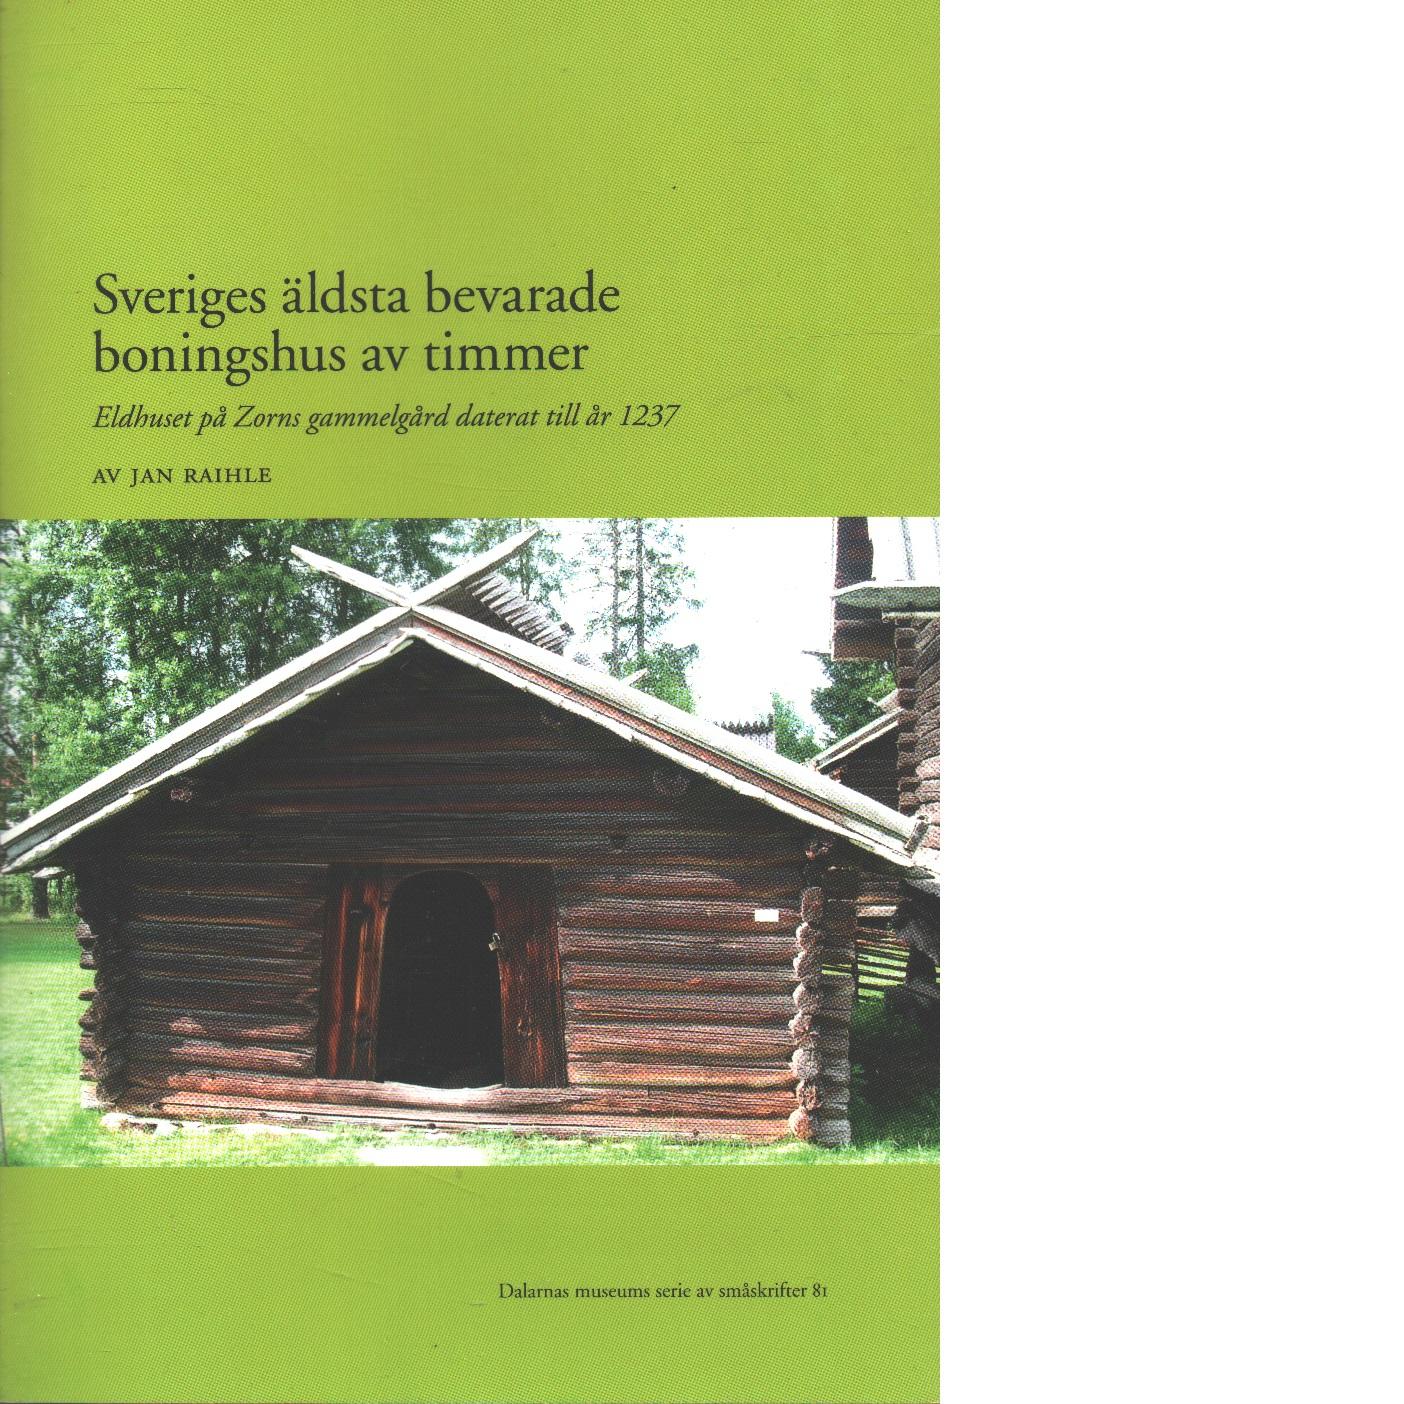 Sveriges äldsta bevarade boningshus av timmer : [eldhuset på Zorns gammelgård daterat till år 1237 - Raihle, Jan